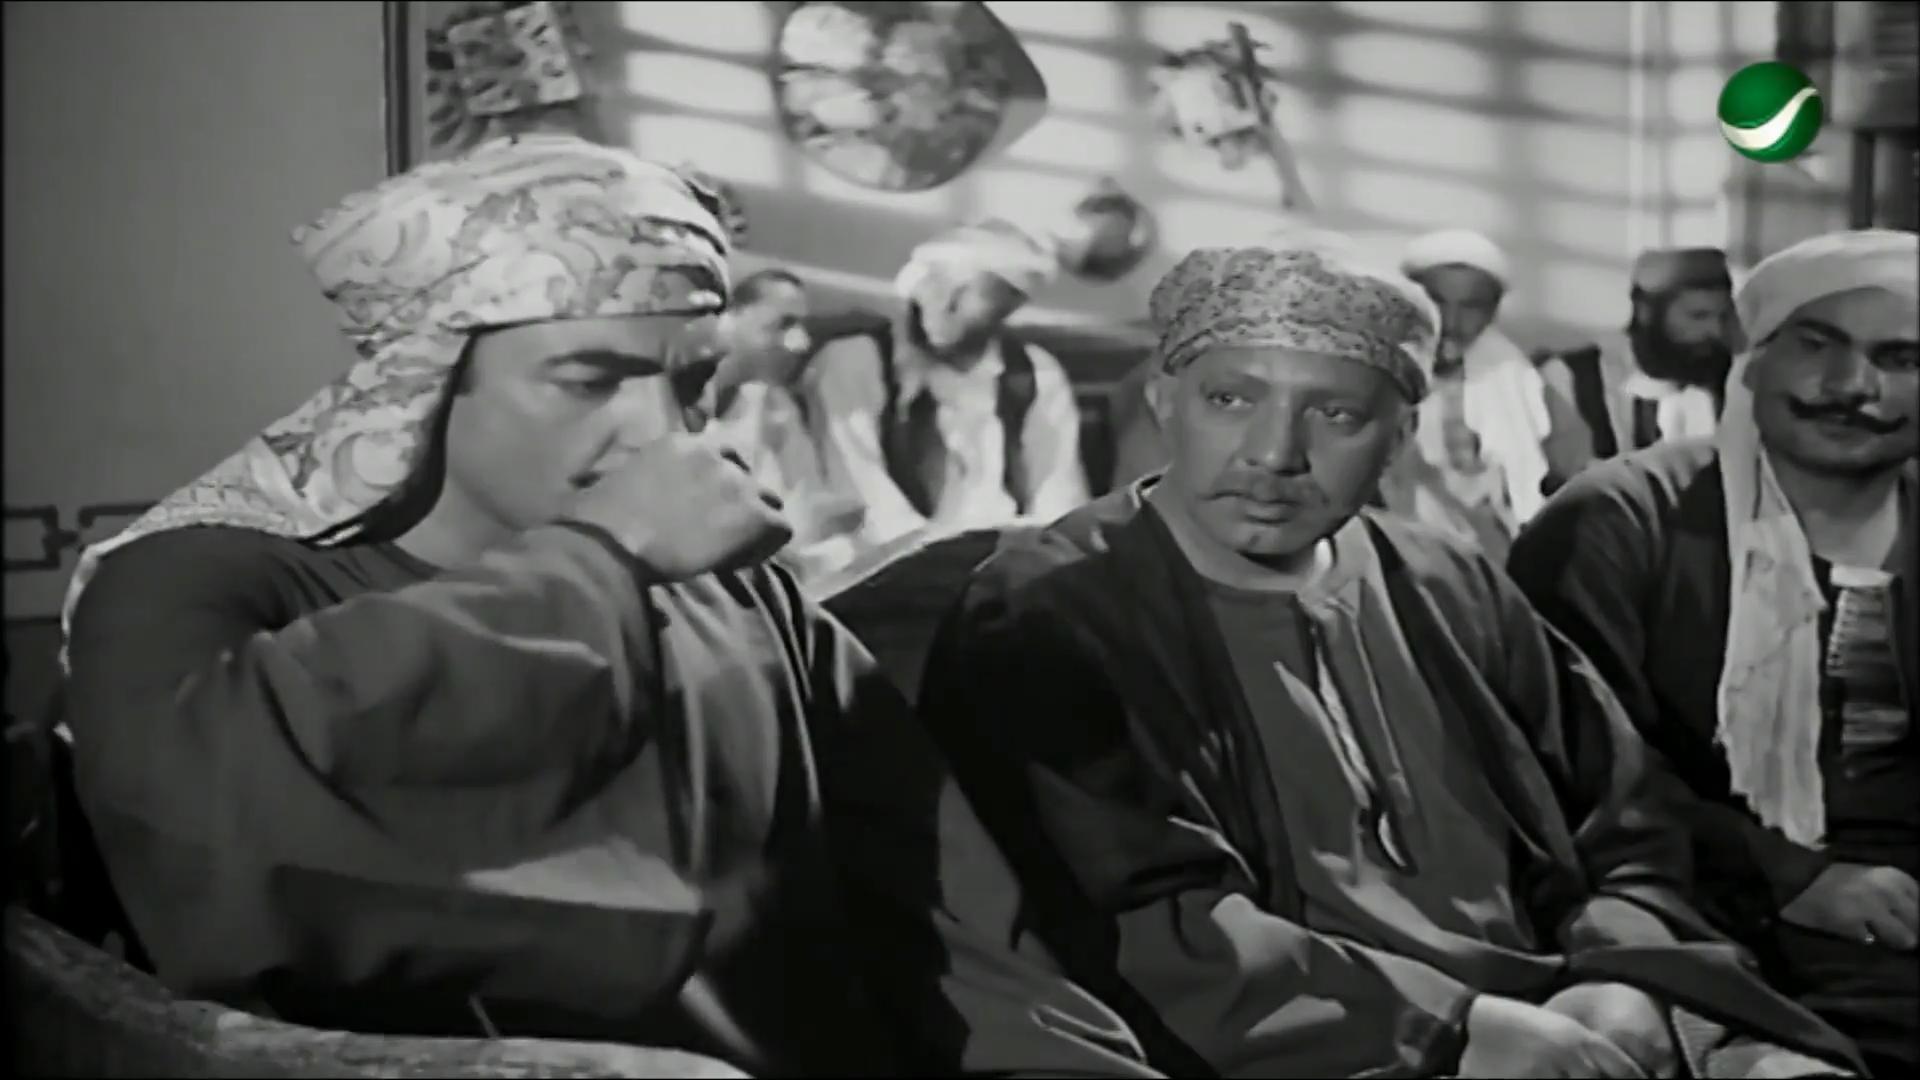 [فيلم][تورنت][تحميل][صراع في النيل][1959][1080p][Web-DL] 6 arabp2p.com